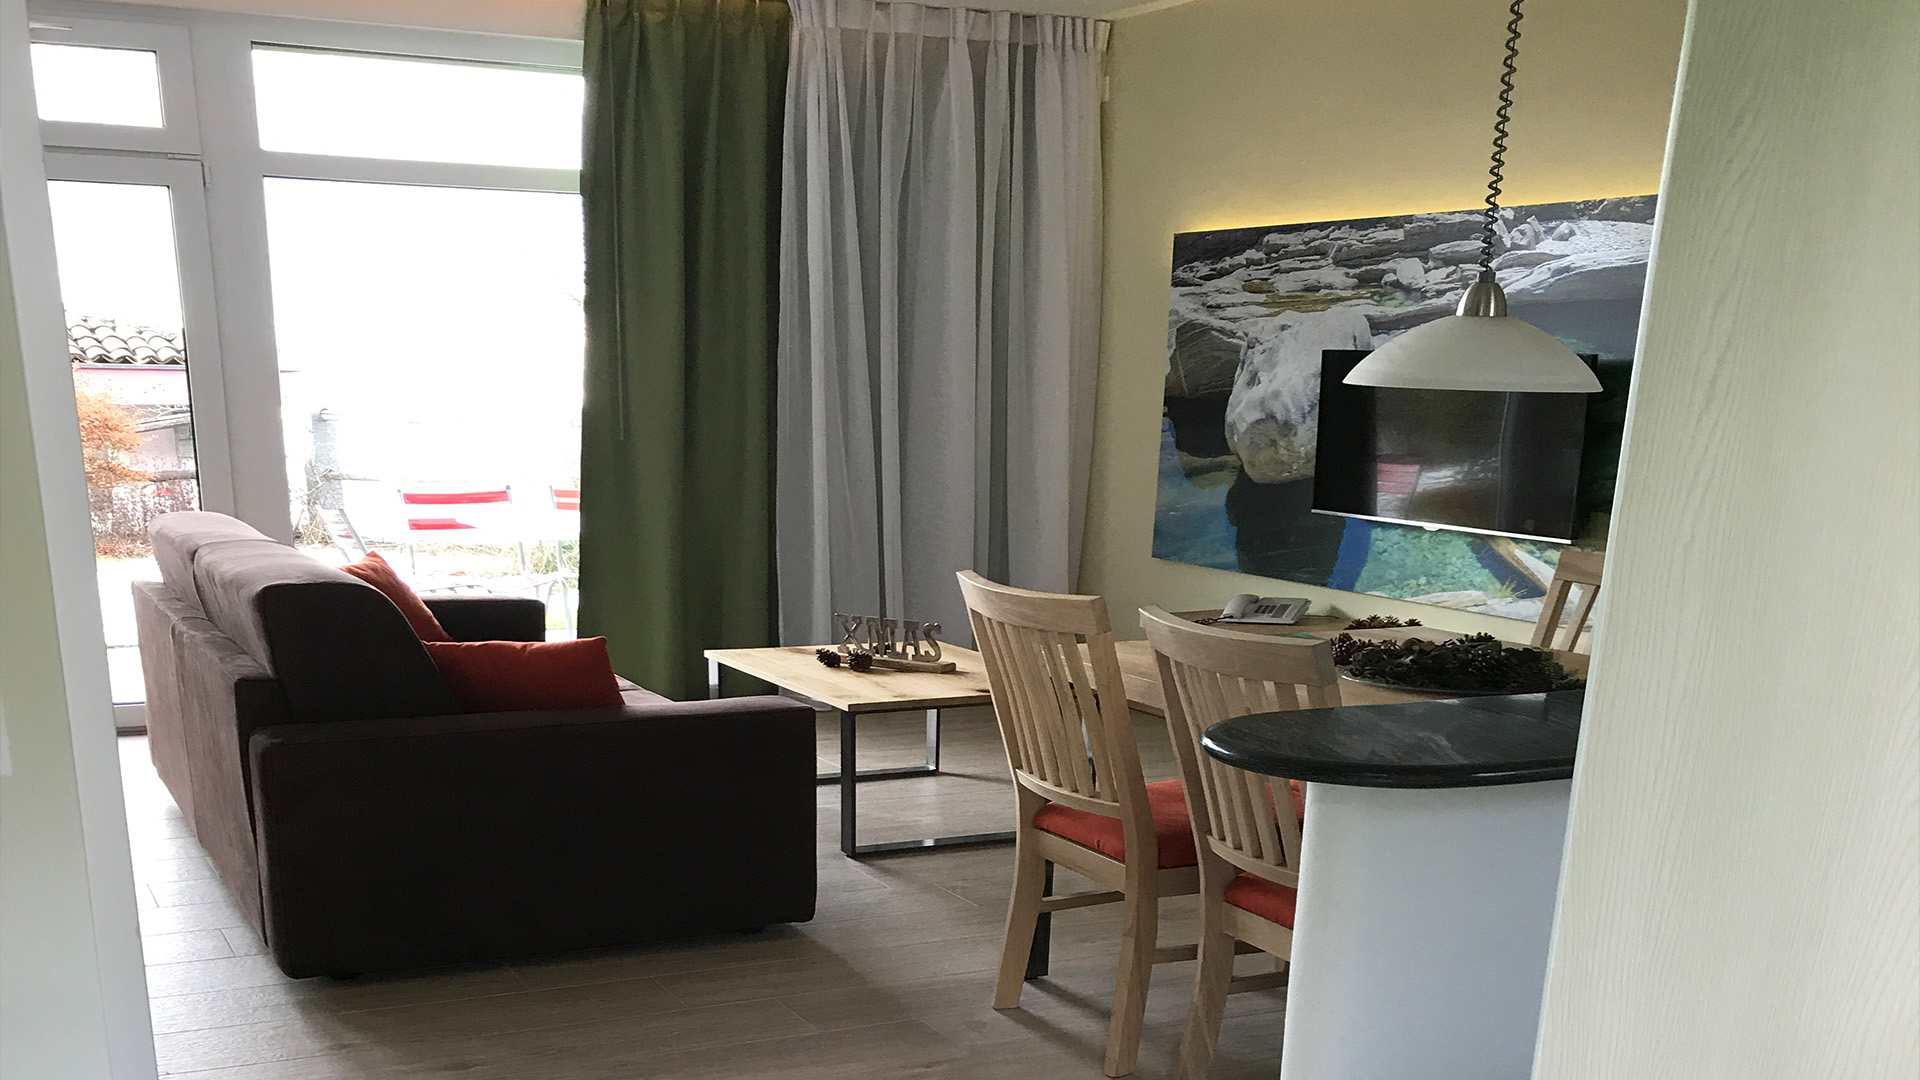 Mit Küche, Esstisch für 4 Personen, zweier Sofa, Kleider-Schrank-Kabine, Bequeme Box-spring Betten